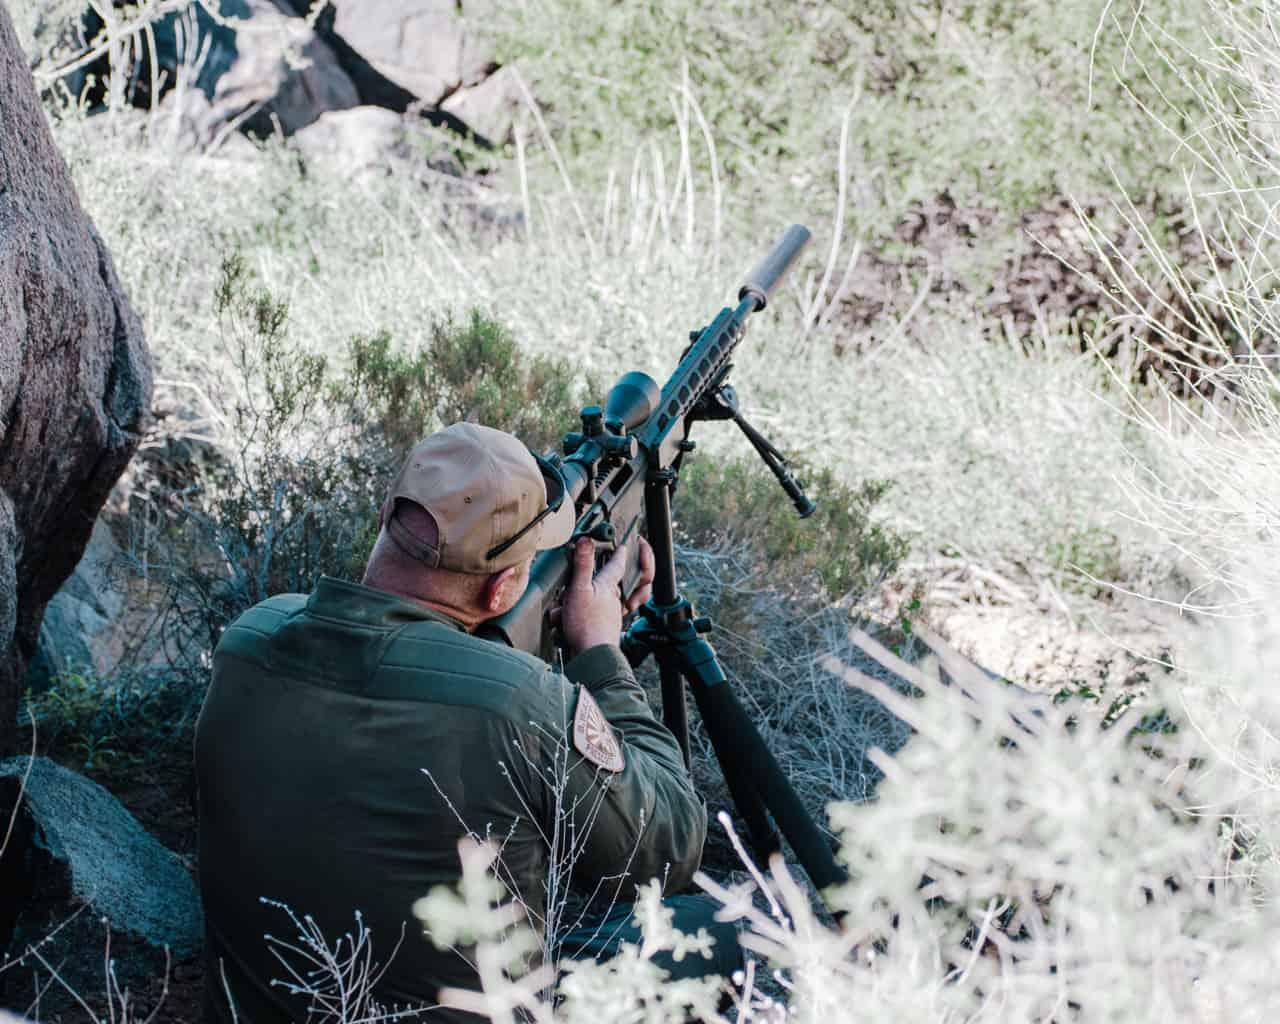 advanced-rural-sniper-course-10